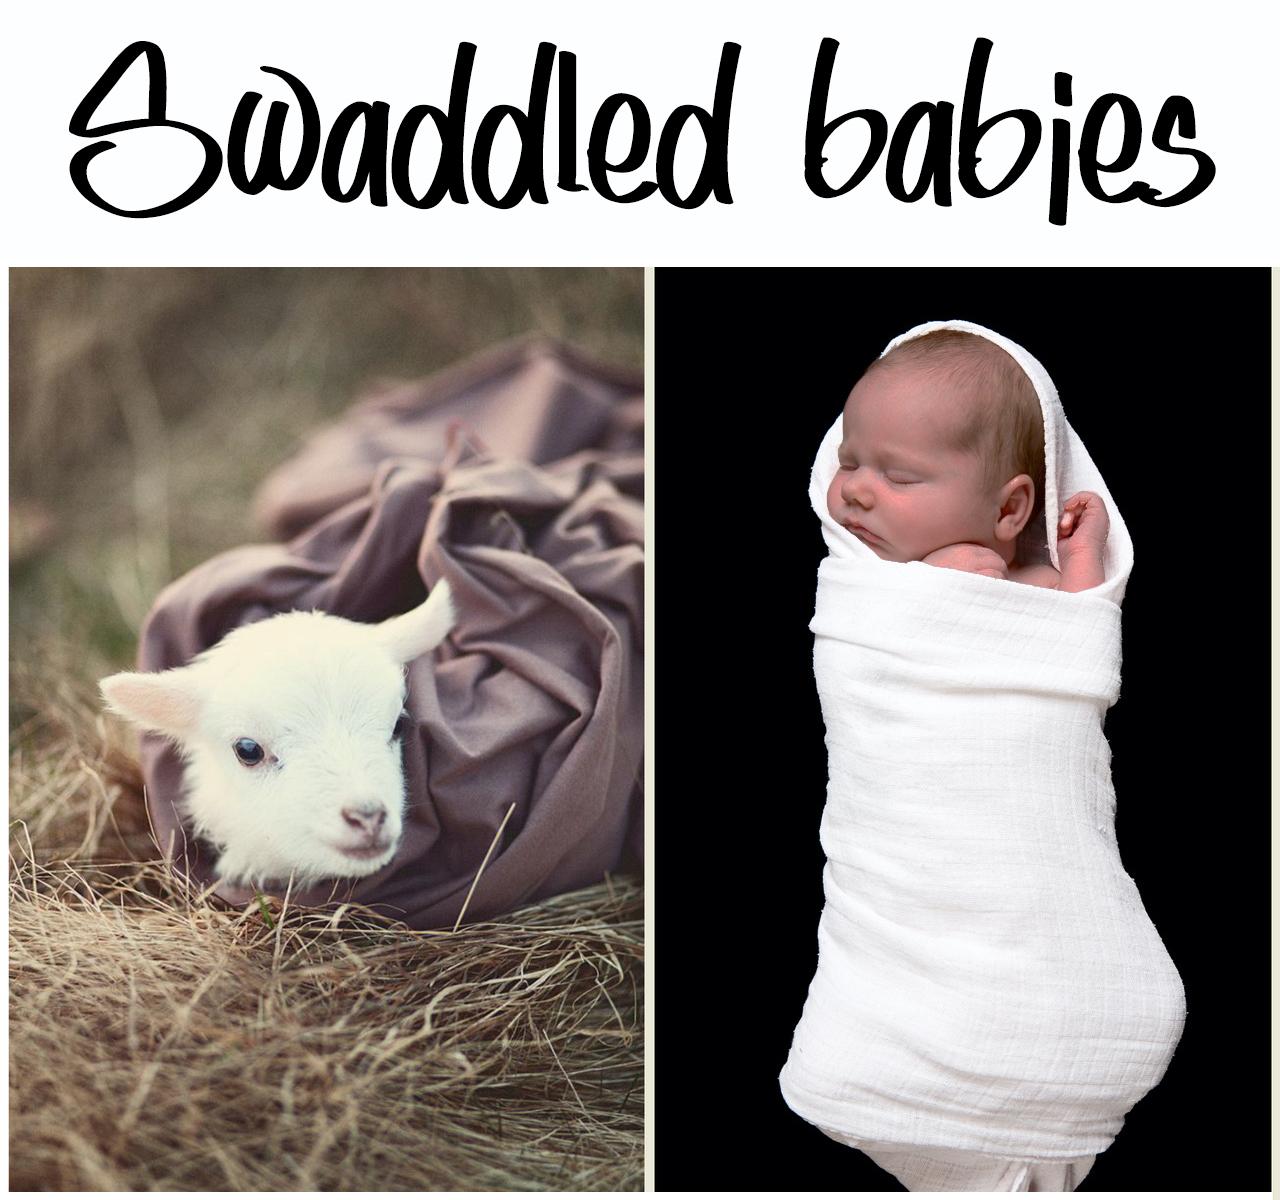 Image - Swaddled babies